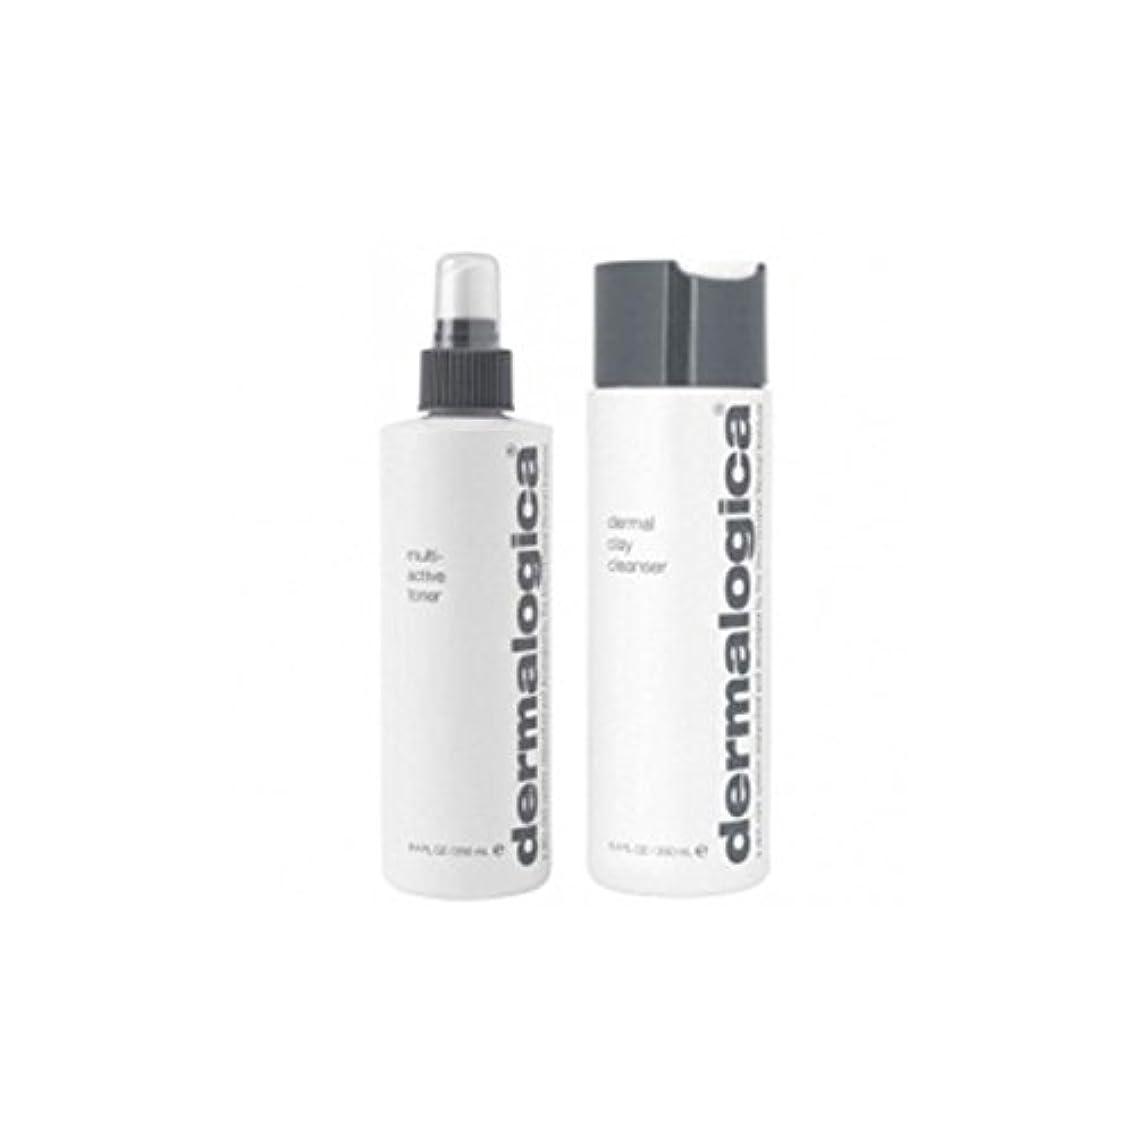 優遇他の日浴Dermalogica Cleanse & Tone Duo - Oily Skin (2 Products) (Pack of 6) - ダーマロジカクレンジング&トーンデュオ - 脂性肌(2製品) x6 [並行輸入品]